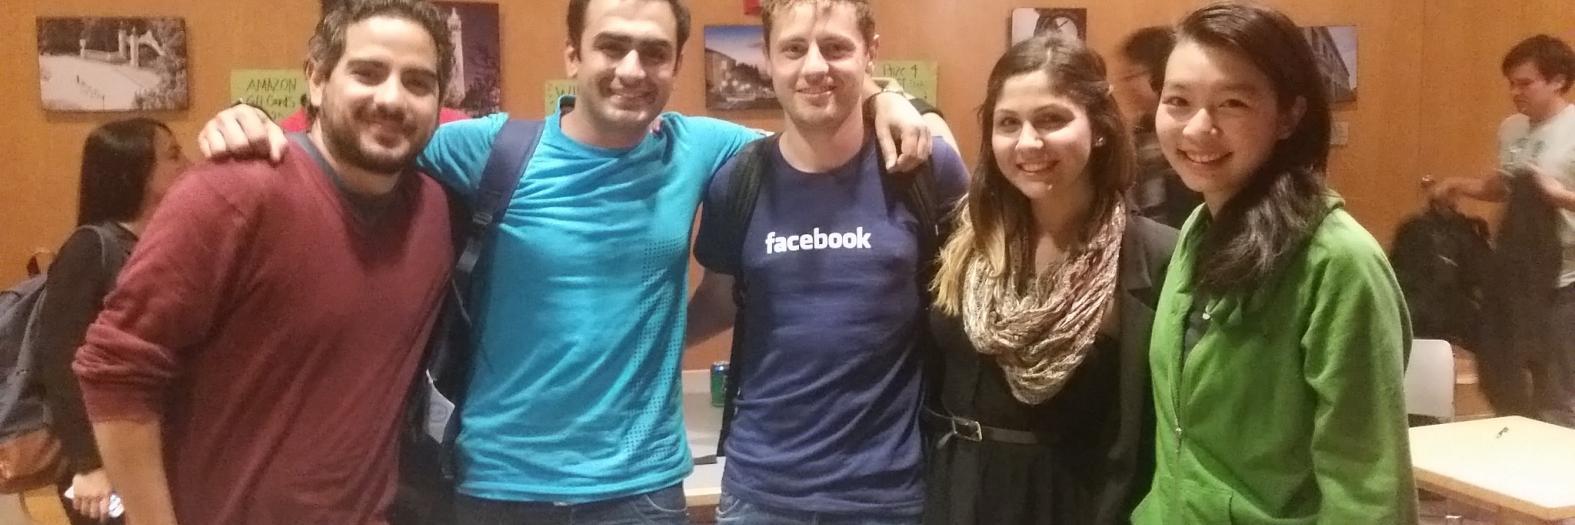 Pablo Arvizu, Ramit Malhorta, Timothy Meyers, Arezu Aghaseyedjavadi, Shana Hu (left to right)